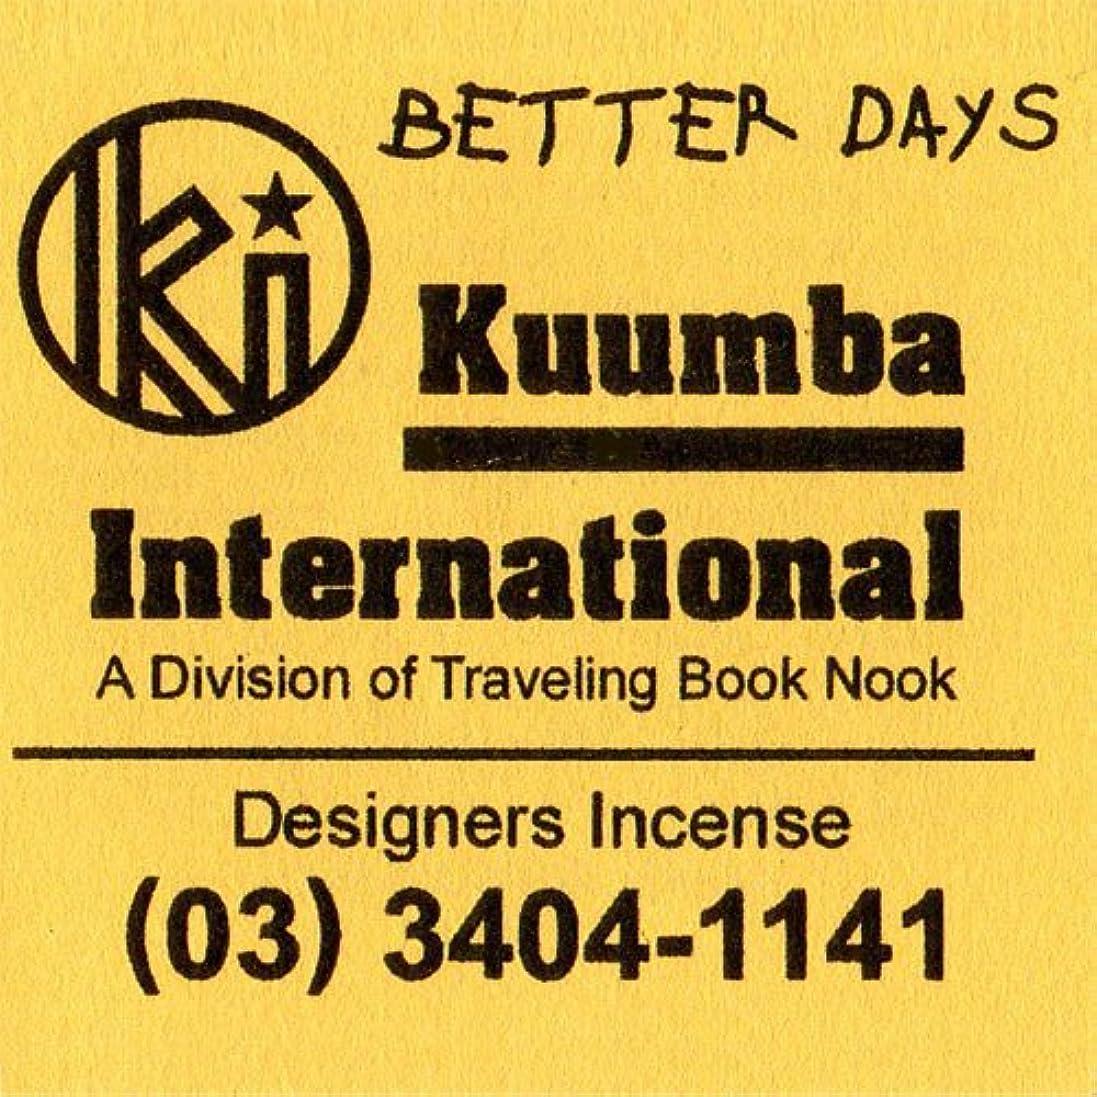 積極的にかりてウォルターカニンガムKUUMBA/クンバ『incense』(BETTER DAYS) (Regular size)